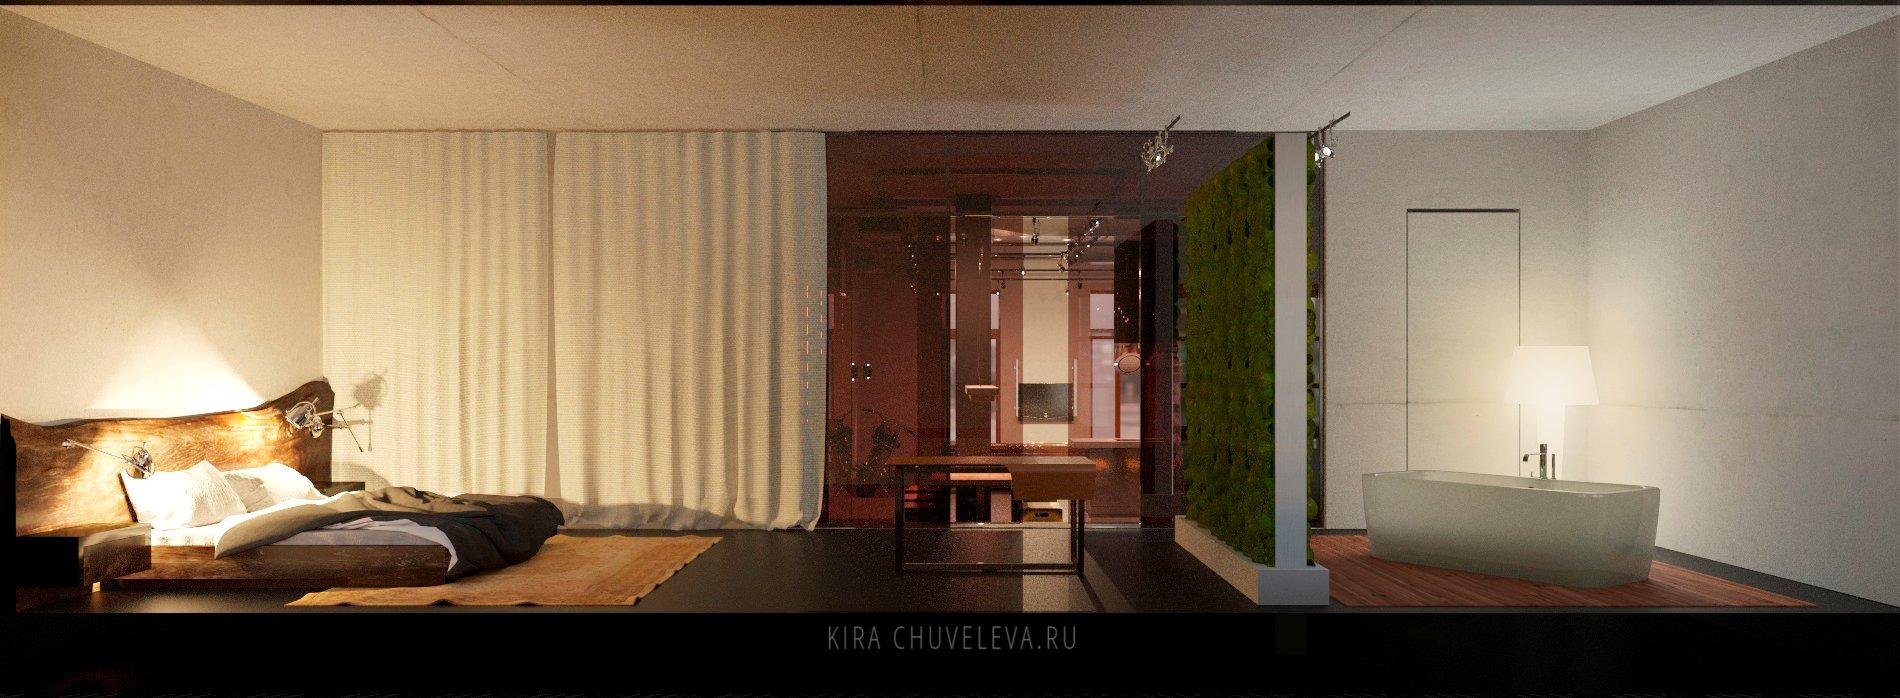 Depre-loft-concept-w- (2)